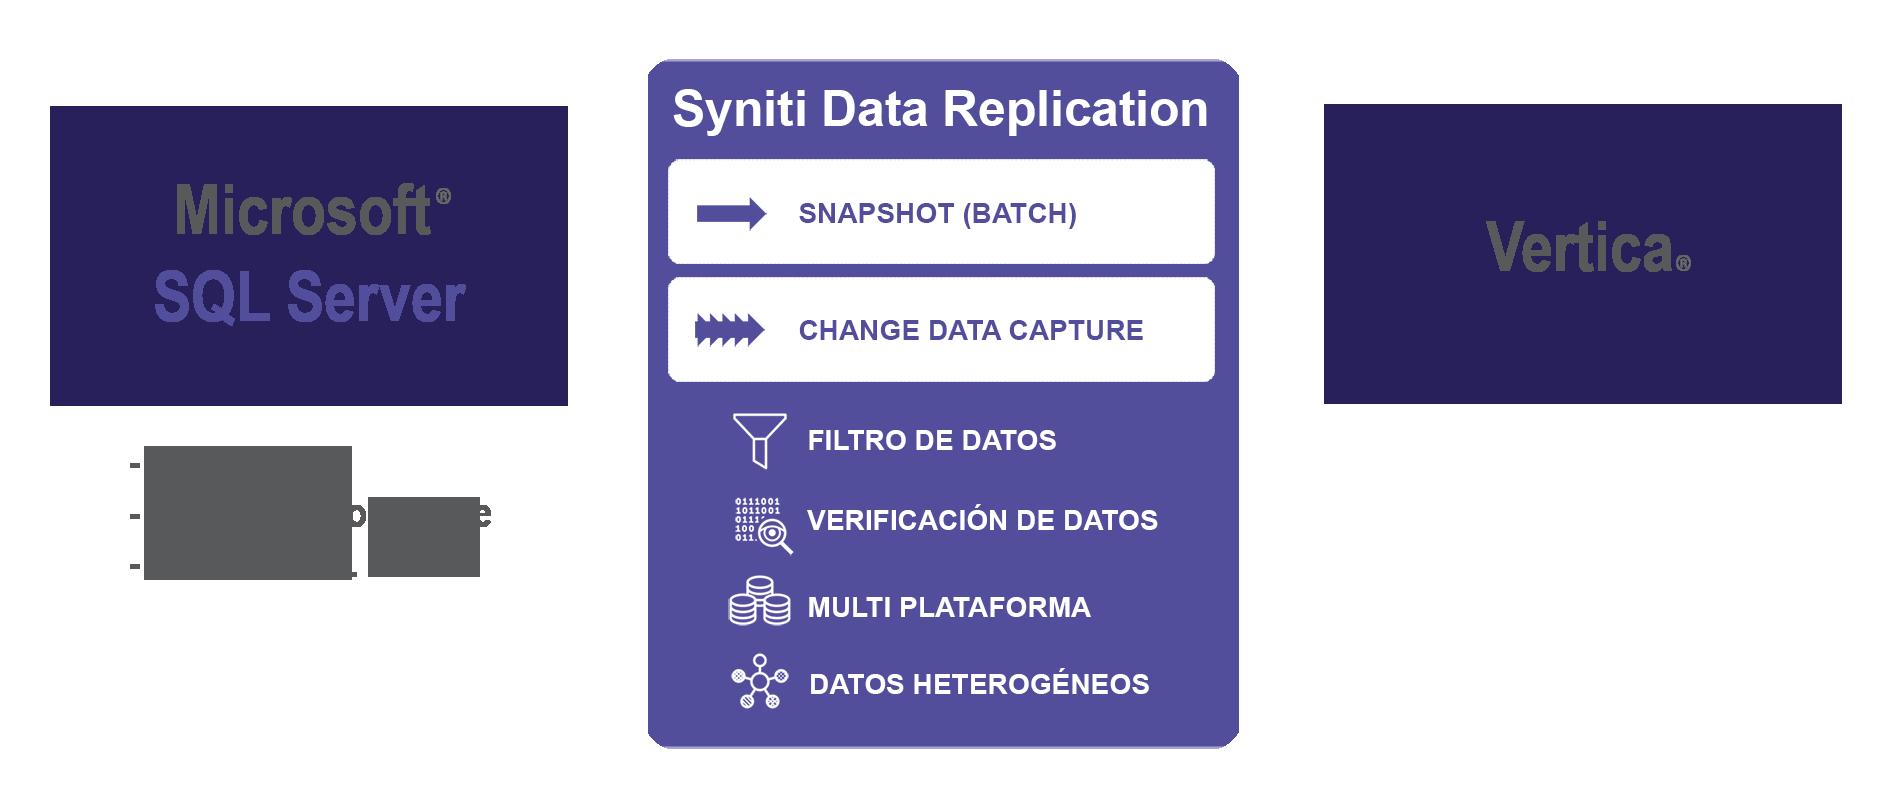 Replicacion de datos SQL Server a Vertica en tiempo real